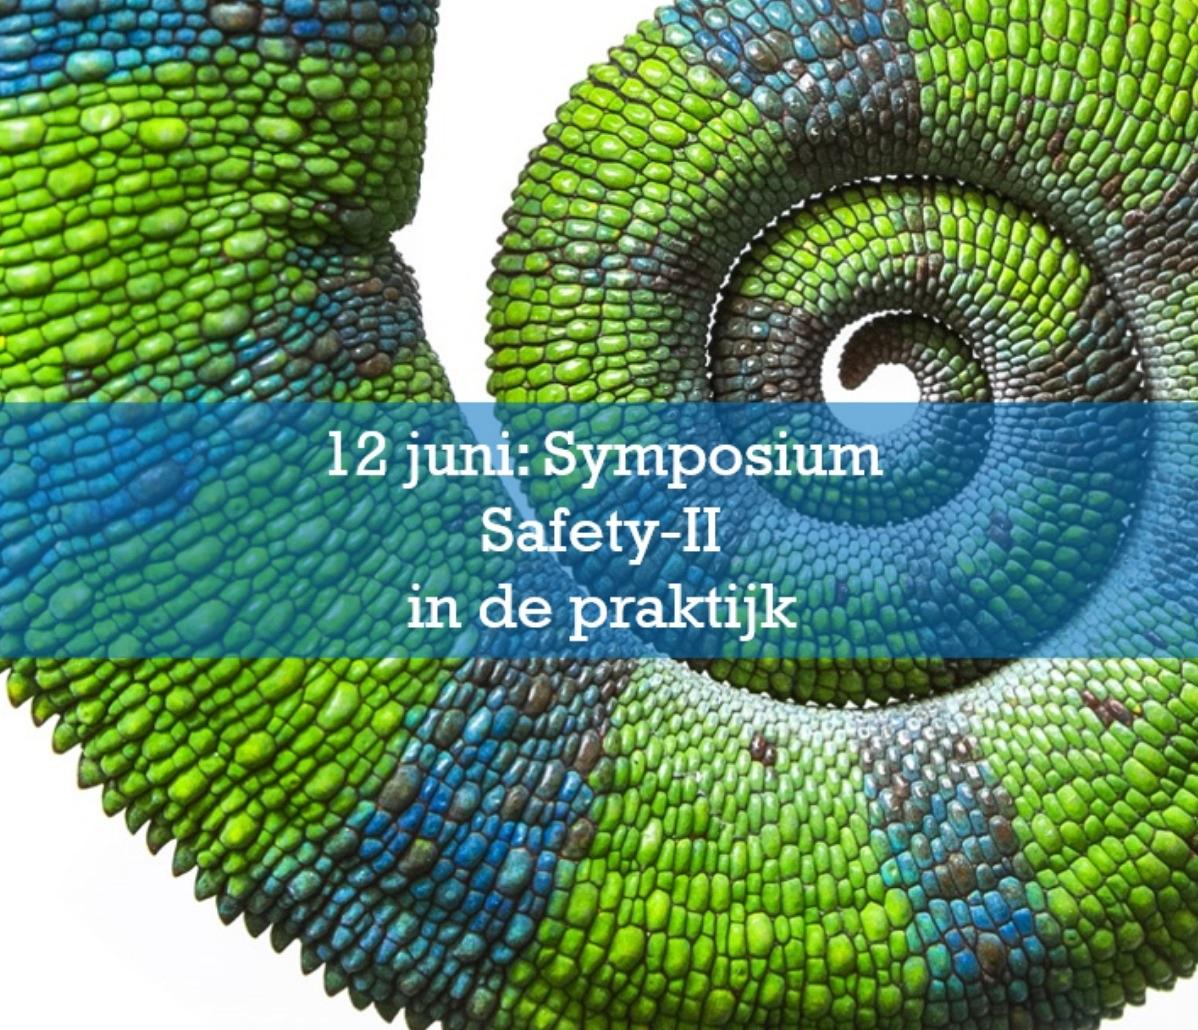 Safety-II in de praktijk